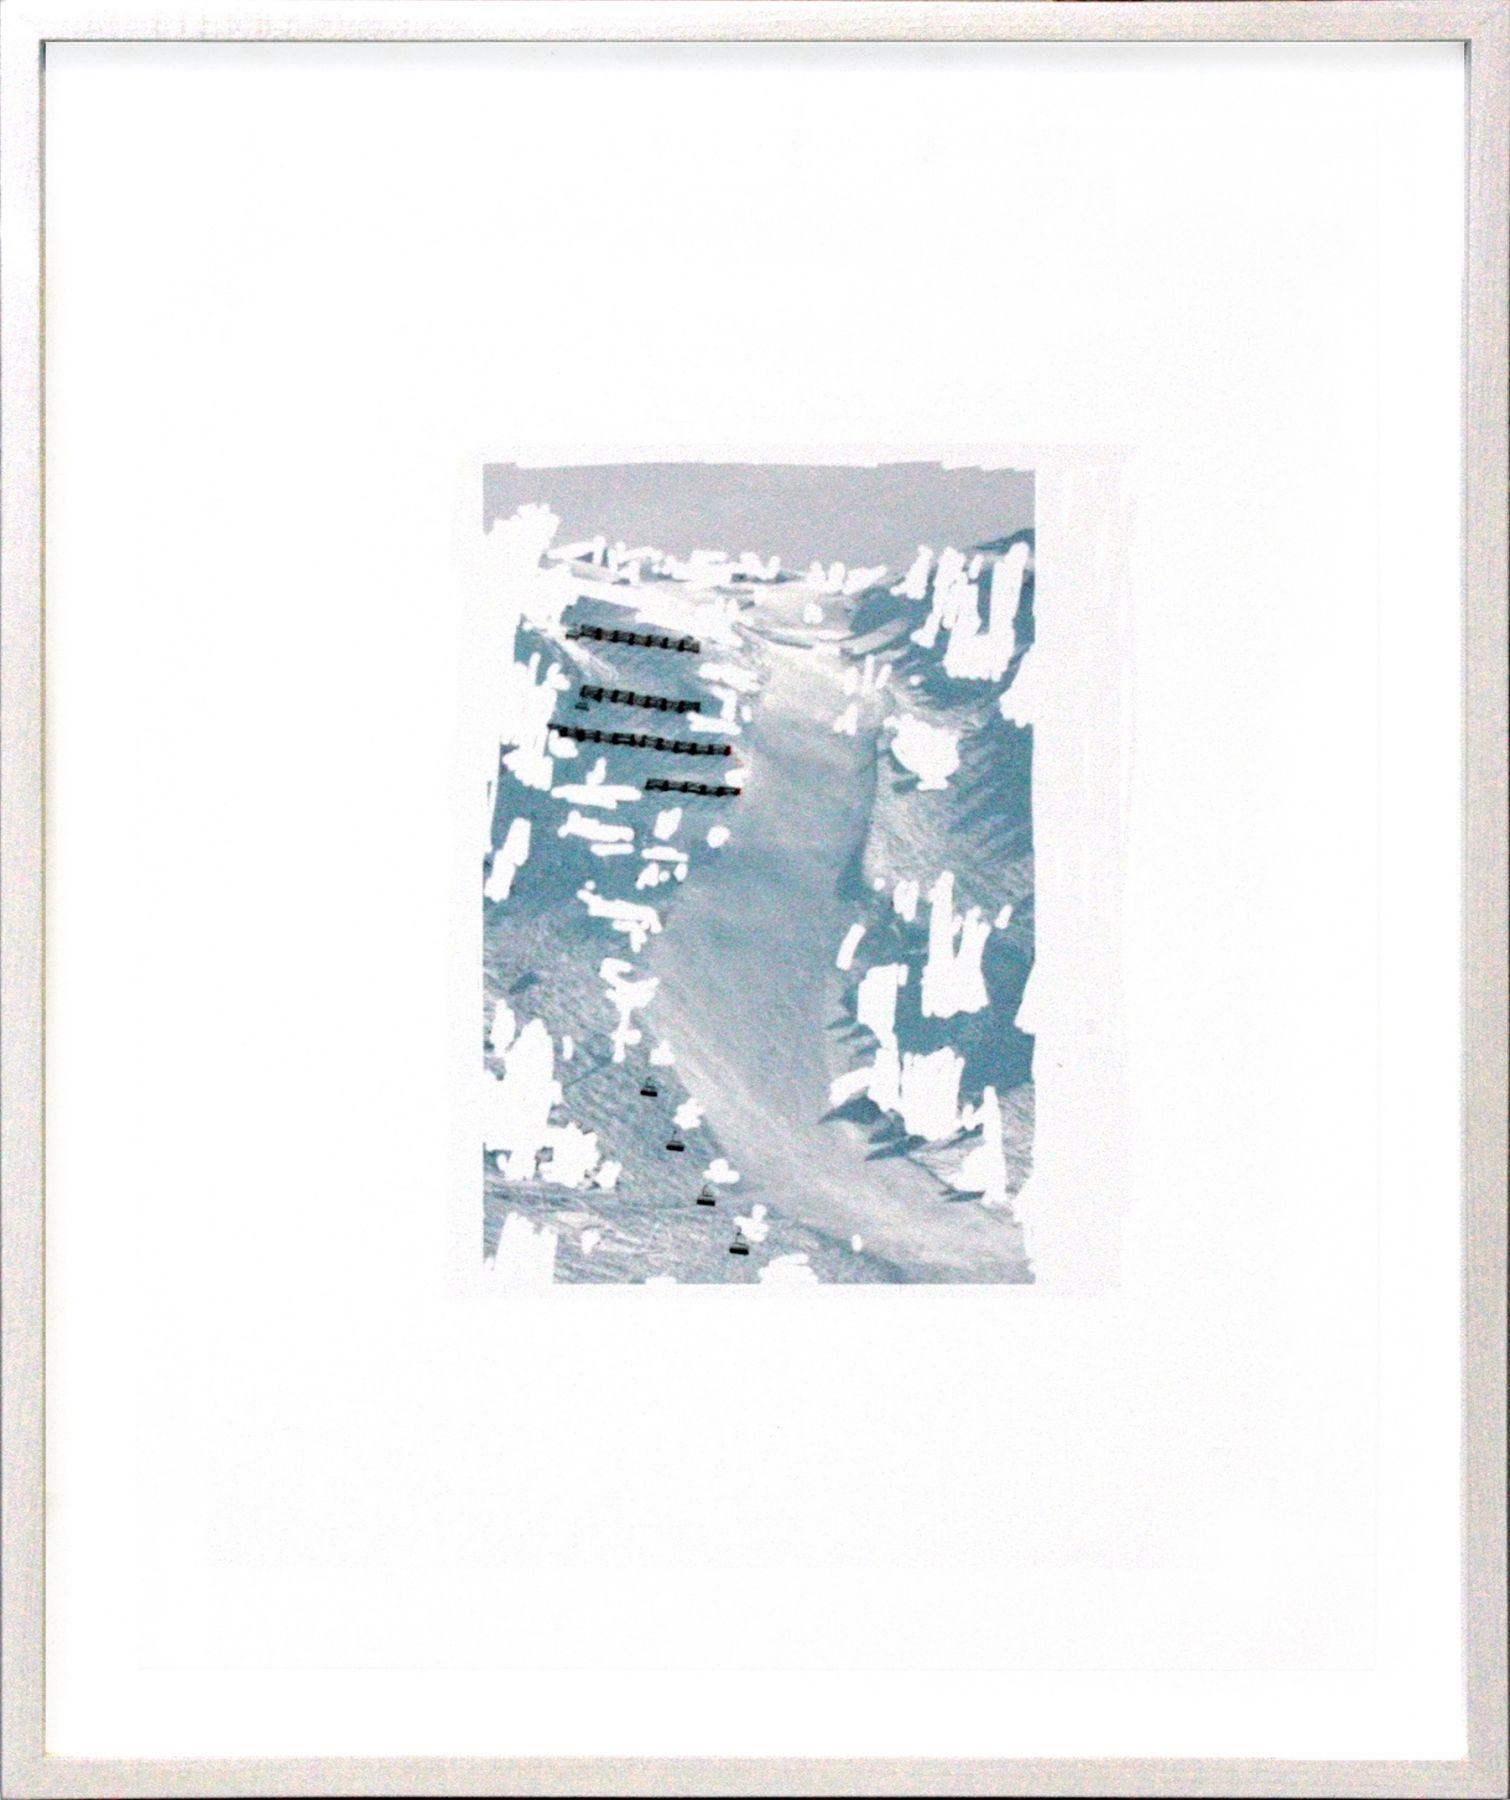 Pen, Weiß auf Schnee, 2013